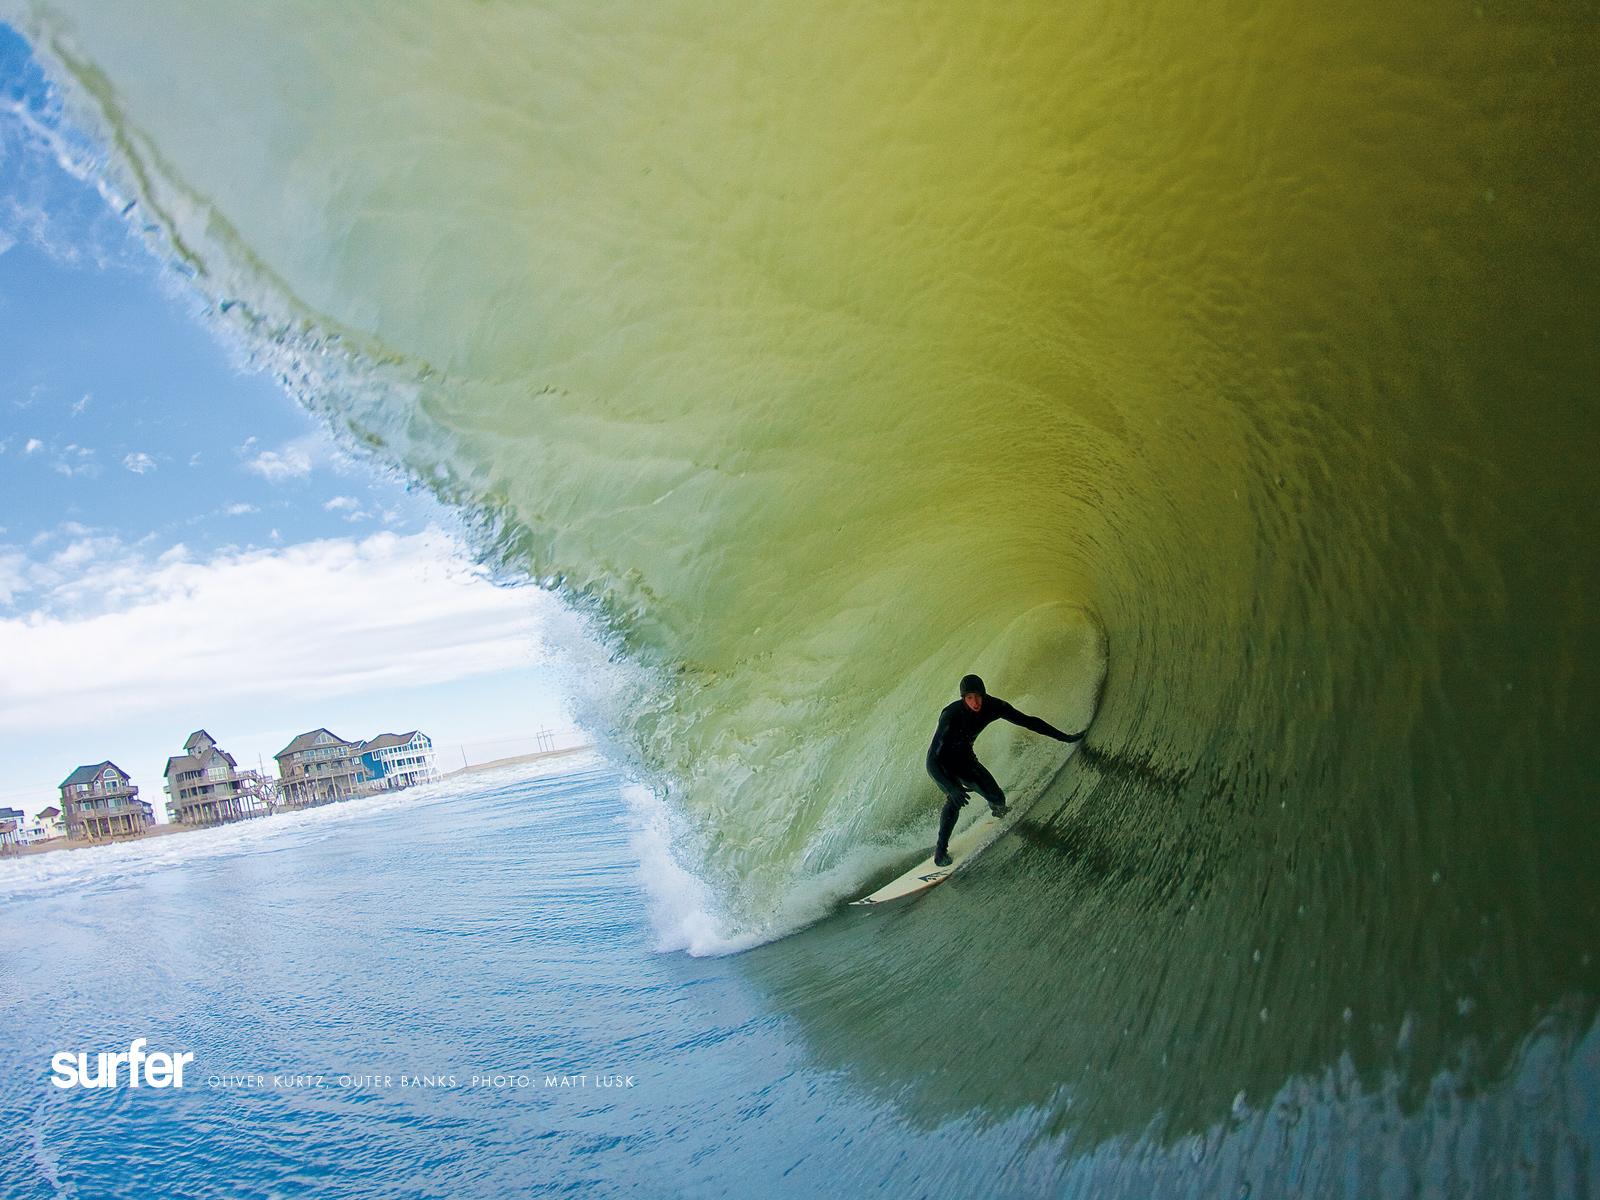 surfing wallpaper 3 surfing wallpaper 4 surfing wallpaper 5 surfing 1600x1200